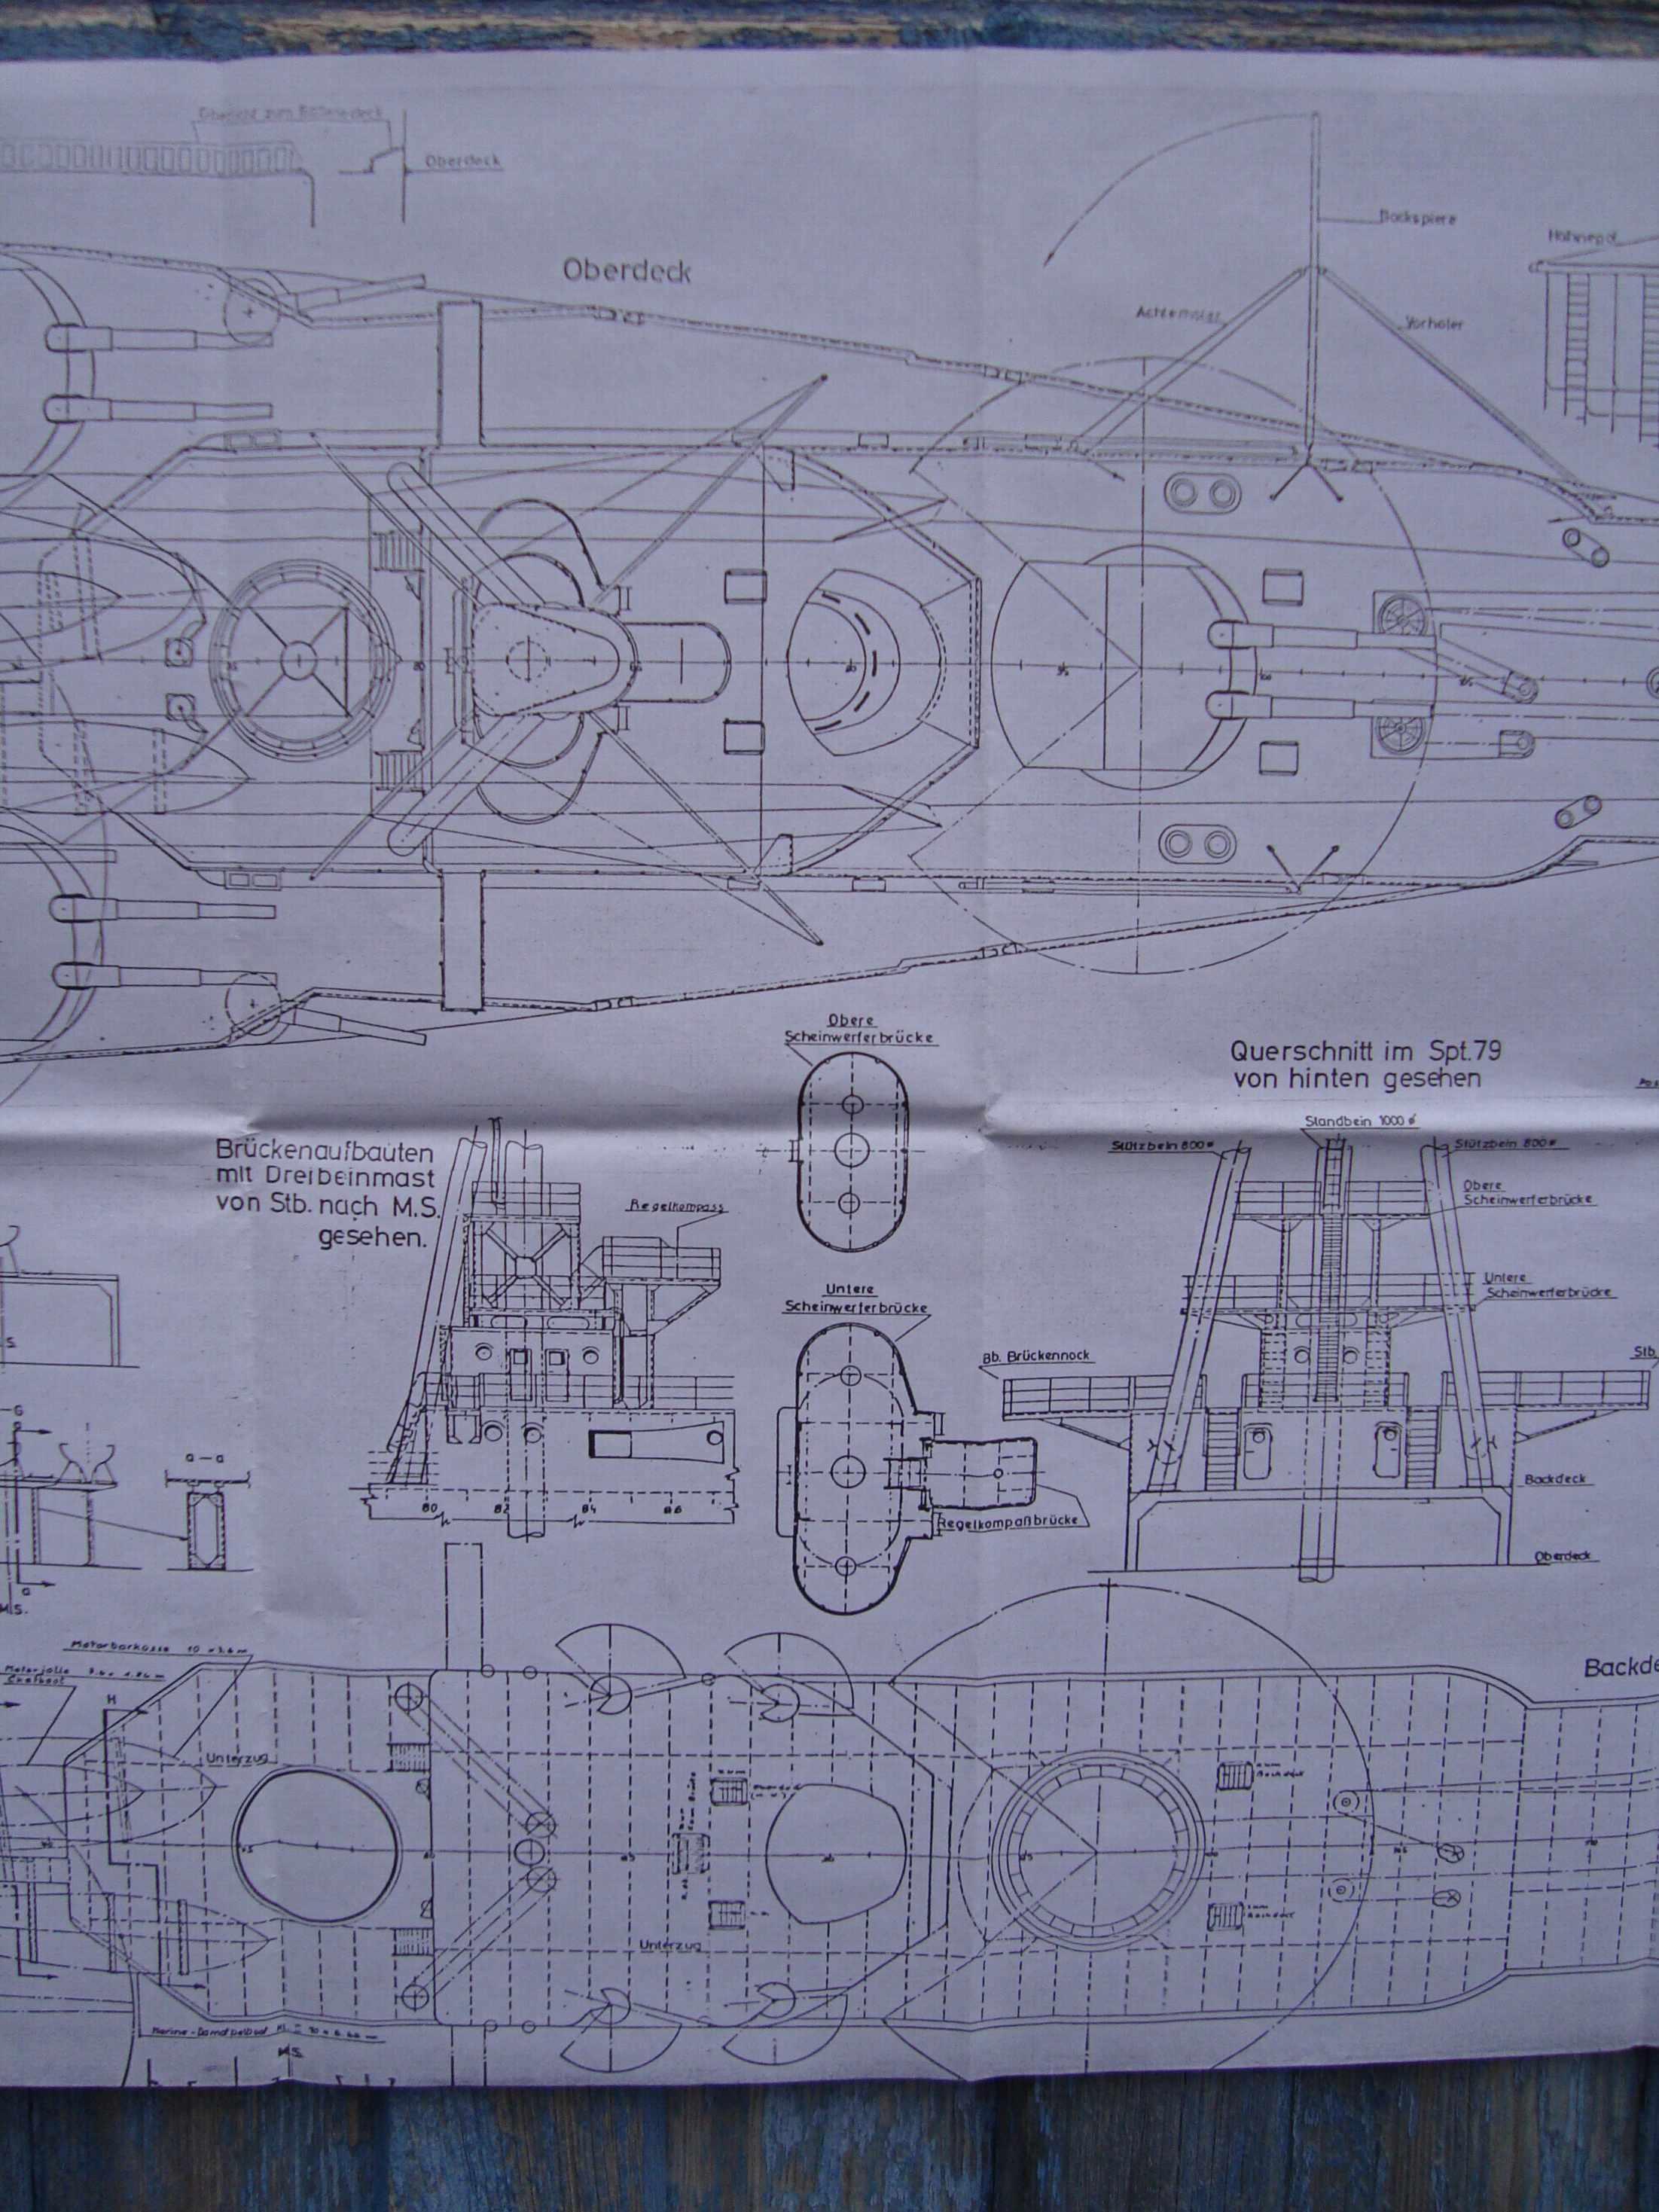 DSC00726_thumb.jpg